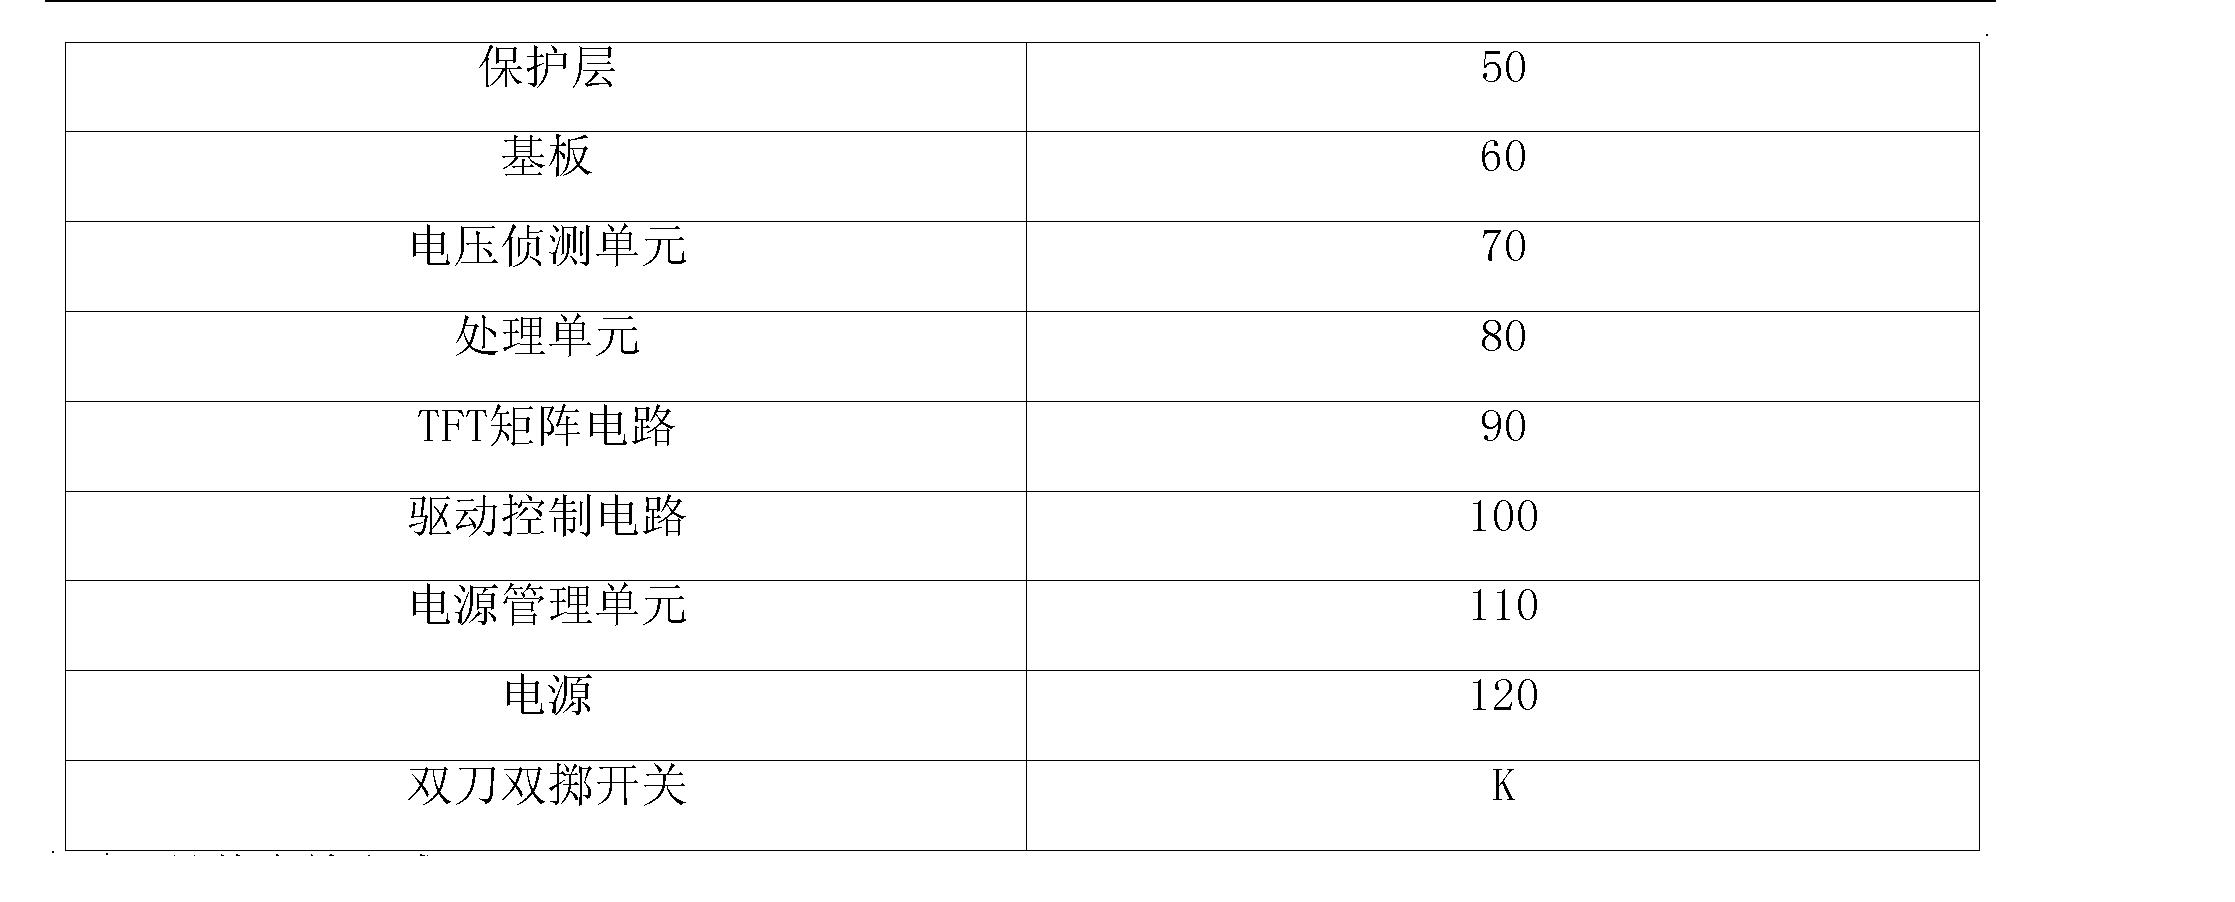 具体实施方式 [0017] 请参阅图1,为本发明支持手写与触摸位置识别的电子纸装置的具体结构图。该支持手写与触摸位置识别的电子纸装置I包括导电层10、若干像素电极20、电泳层30以及公共电极层40。其中,该导电层10靠近电子纸装置I的观看面一侧,该若干像素电极分布在一个平行于该导电层10、电泳层30以及公共电极层40的平面上,该导电层10与该若干像素电极20之间还包括一隔离层12,该隔离层12包括若干绝缘栅格121,该隔离层12用于在用户未触摸该电子纸装置I时将该导电层10与若干像素电极20分离。该电泳